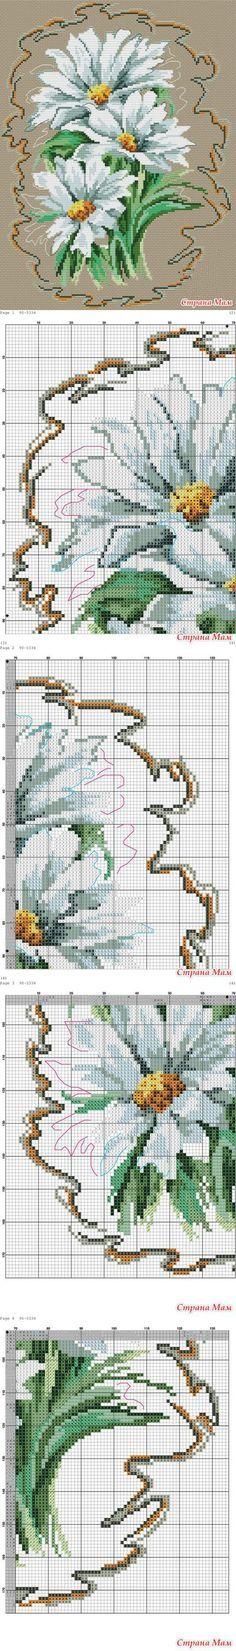 Цветочные вышивки крестиком - Клуб рукоделия - Страна Мам